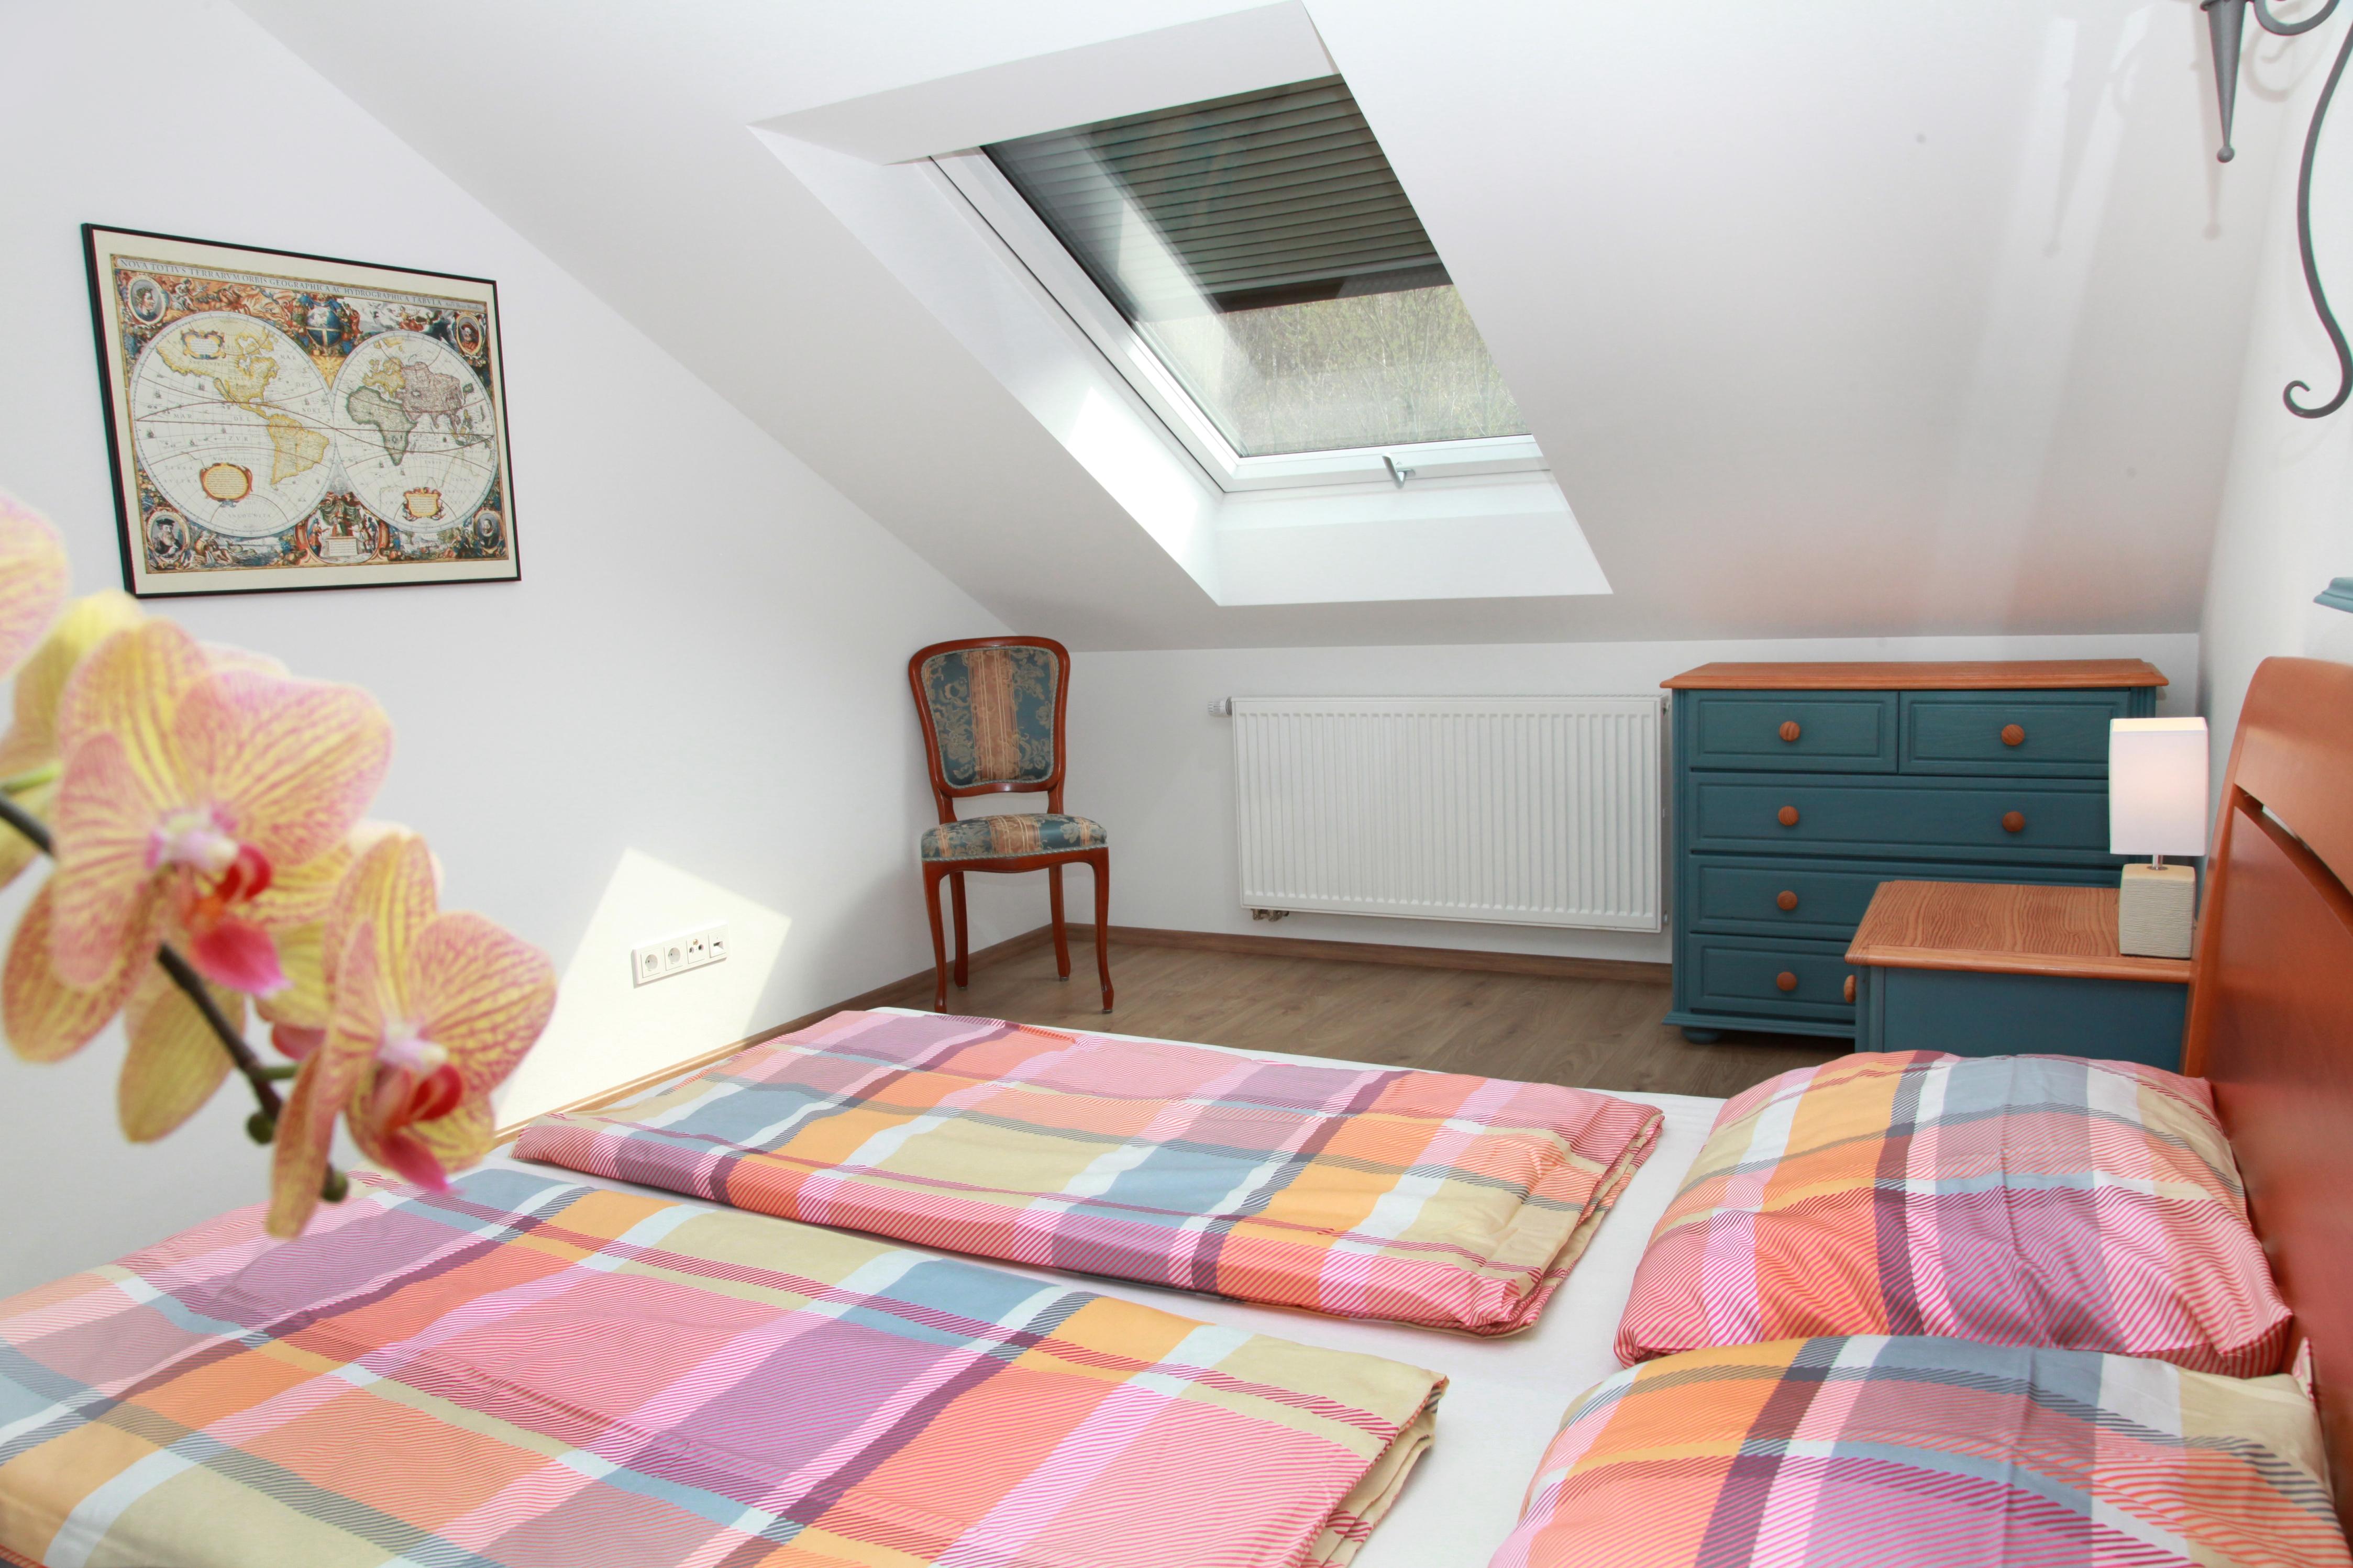 ferienwohnung aussicht f r bis zu 6 personen zwischen regensburg und hemau ferienwohnung. Black Bedroom Furniture Sets. Home Design Ideas